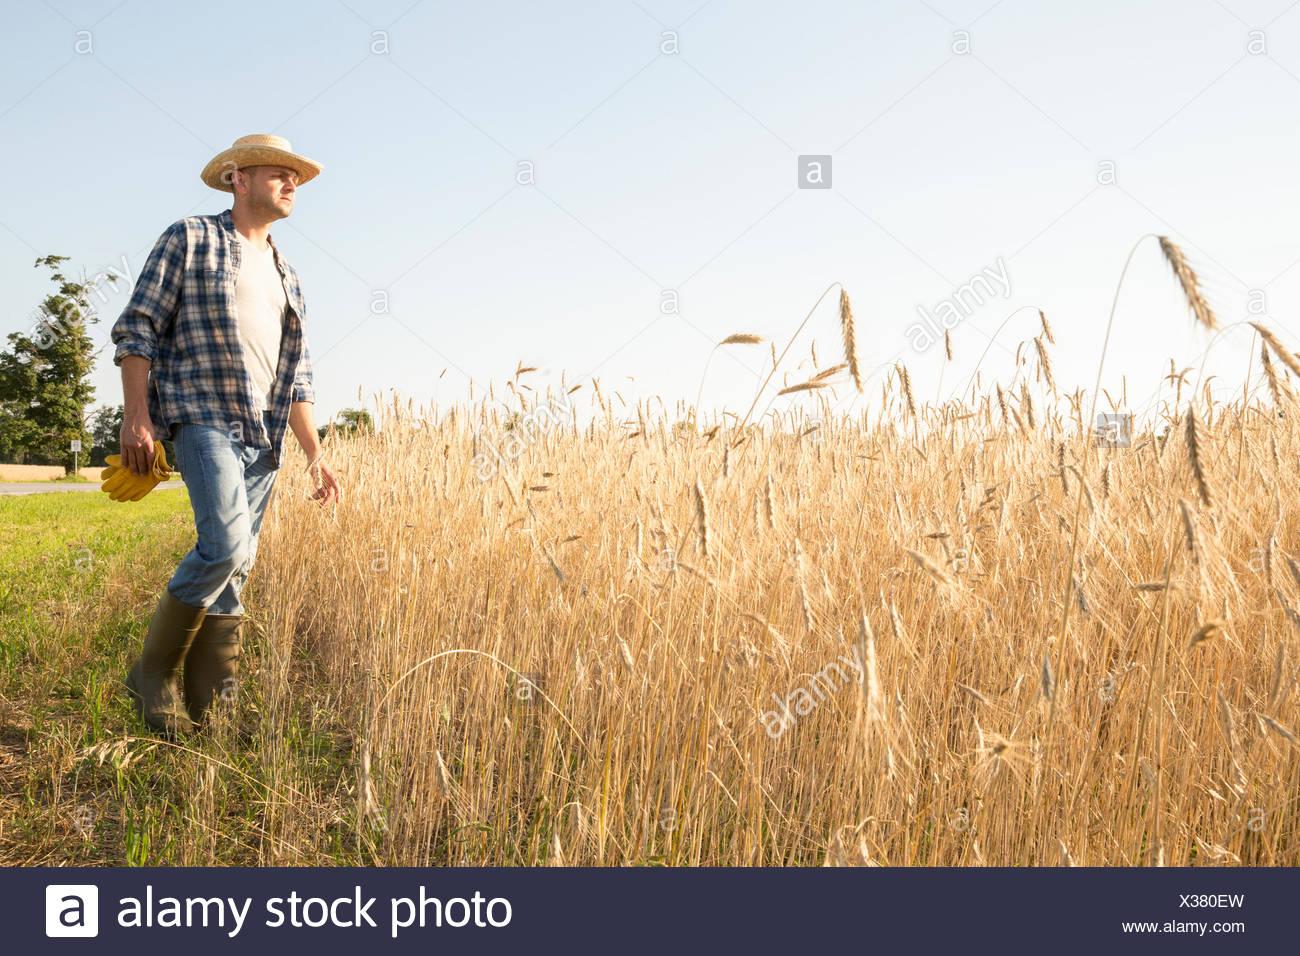 Hombre vestido con una camisa a cuadros y un sombrero de pie en un maizal 91fae977c53